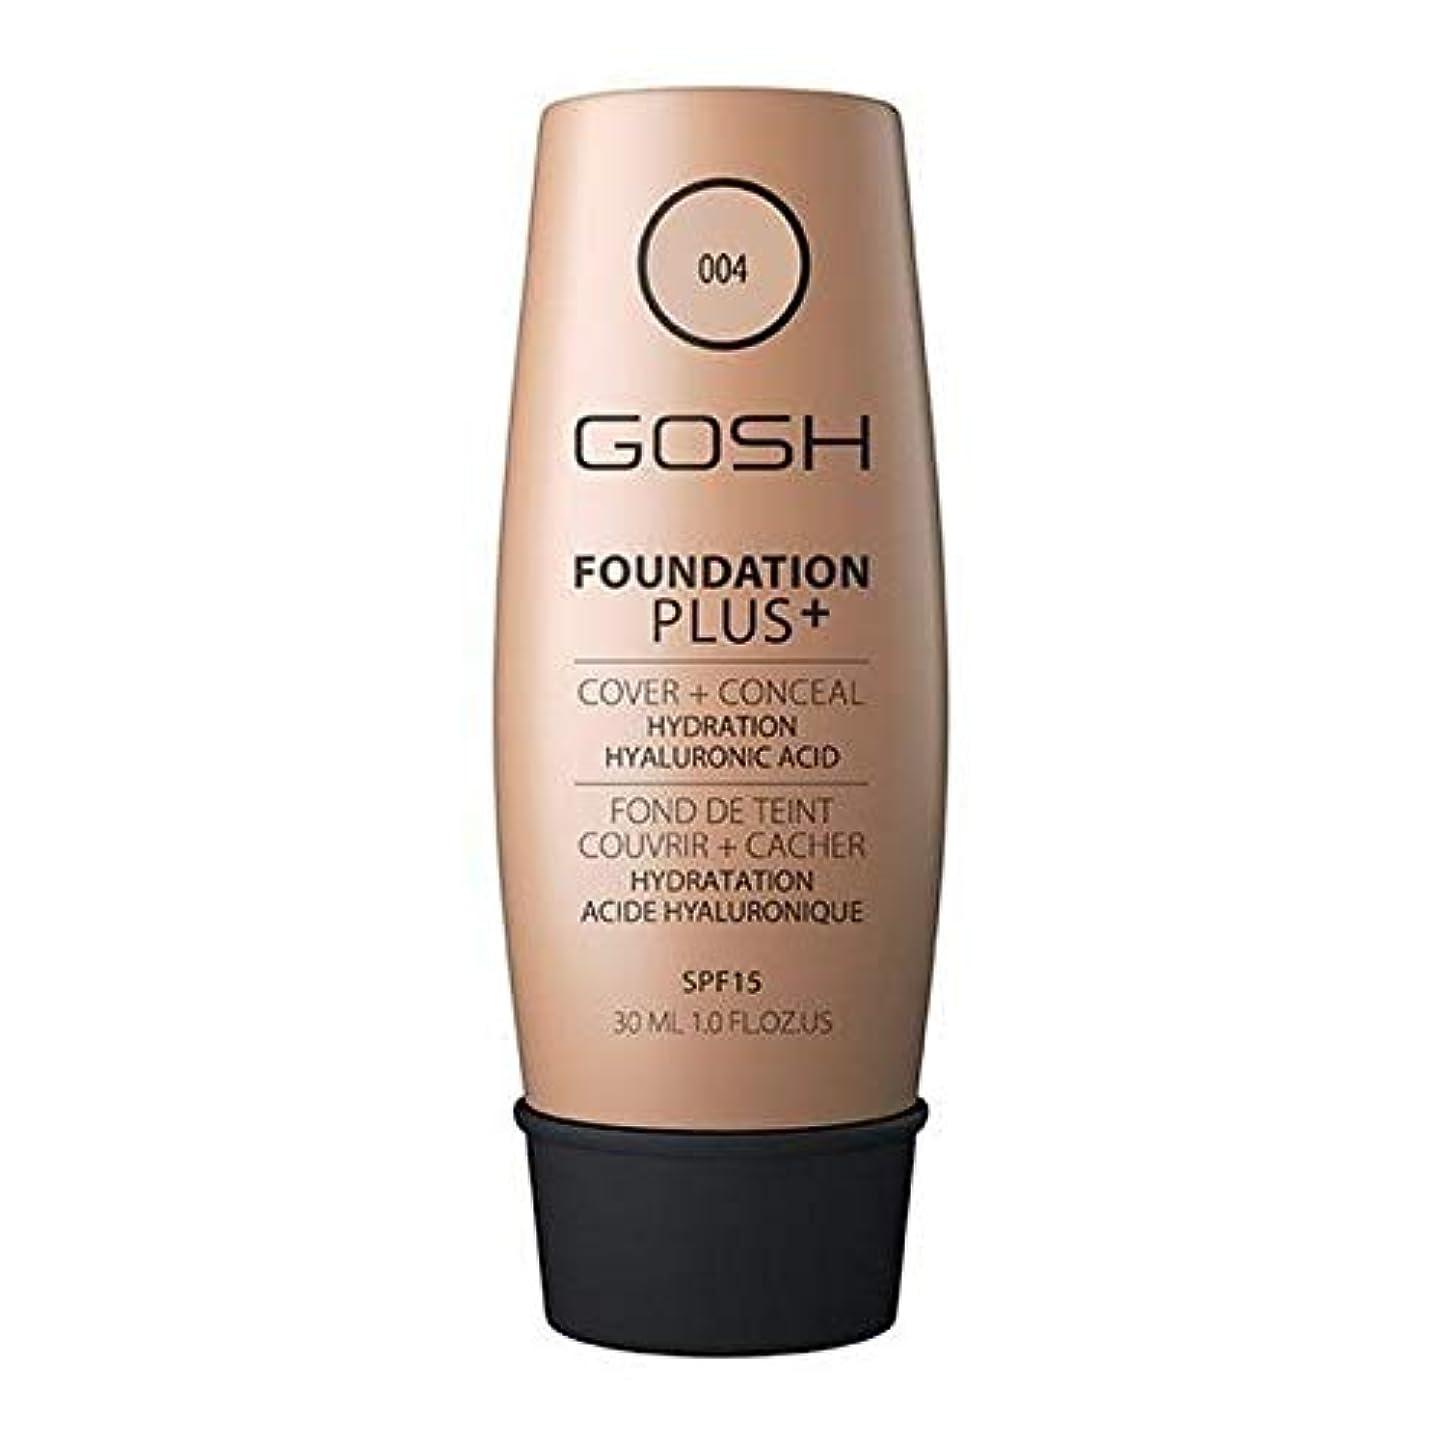 同意する寄託コショウ[GOSH ] おやっ基盤プラス+ナチュラル004 - Gosh Foundation Plus+ Natural 004 [並行輸入品]